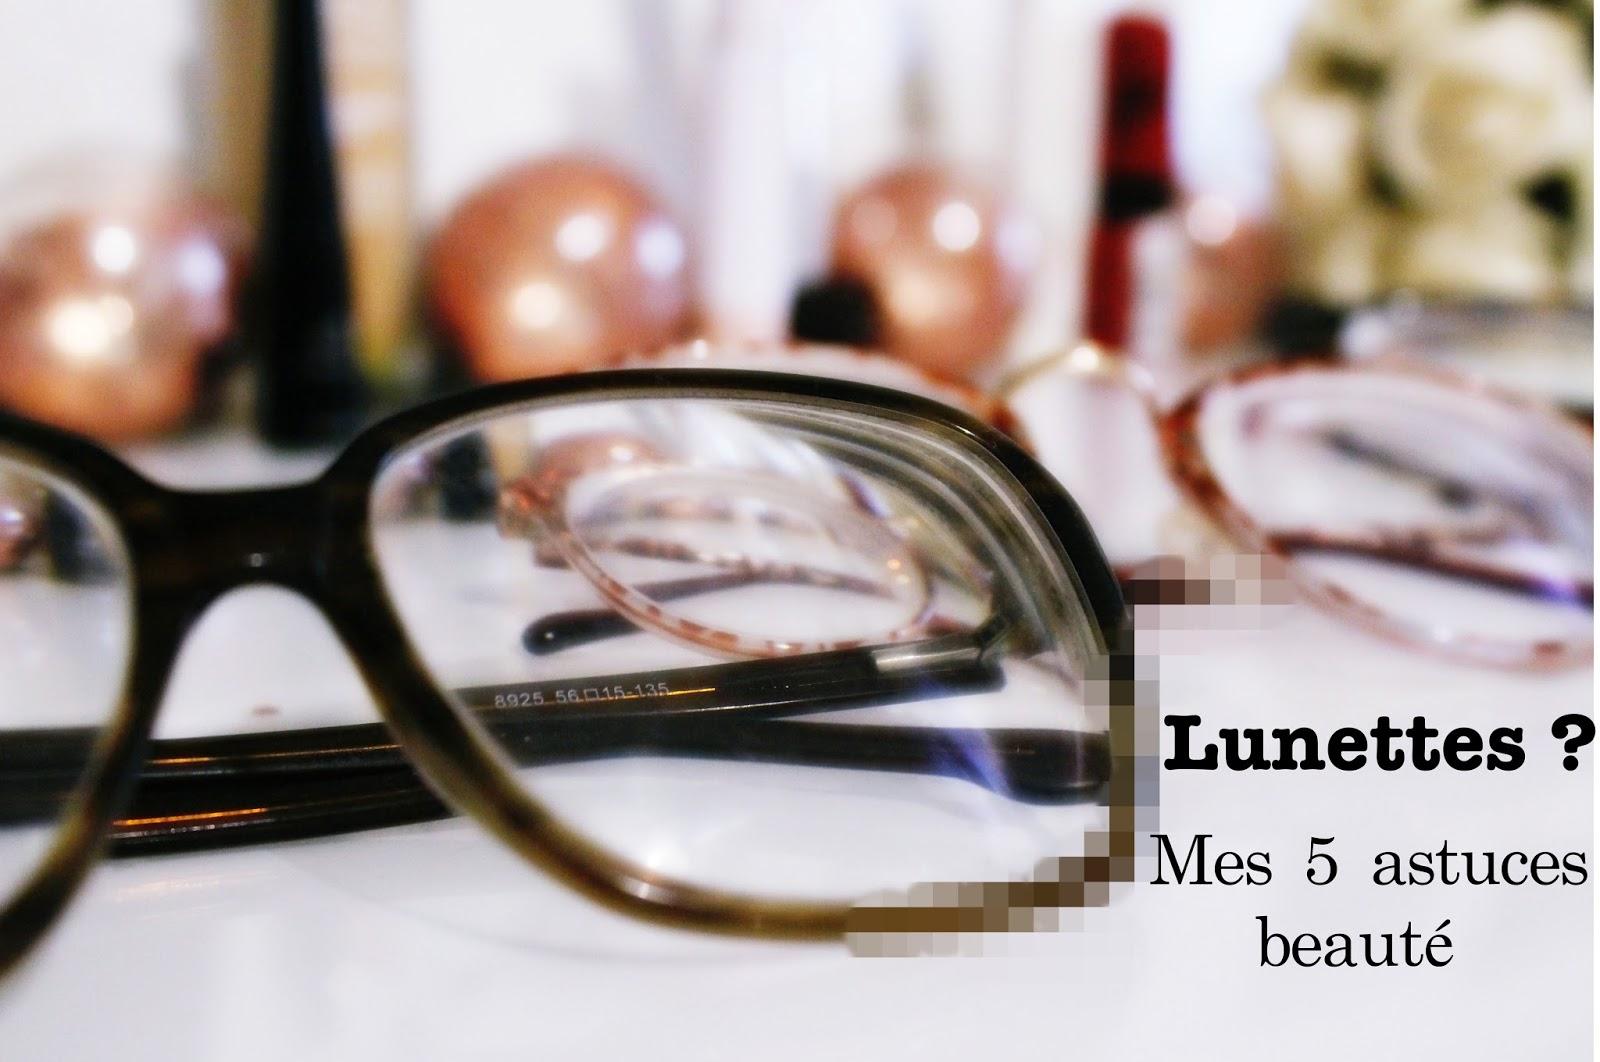 Lunettes   mes 5 commandements beauté !   UR LITTLE FEATHER bb9c8446508a